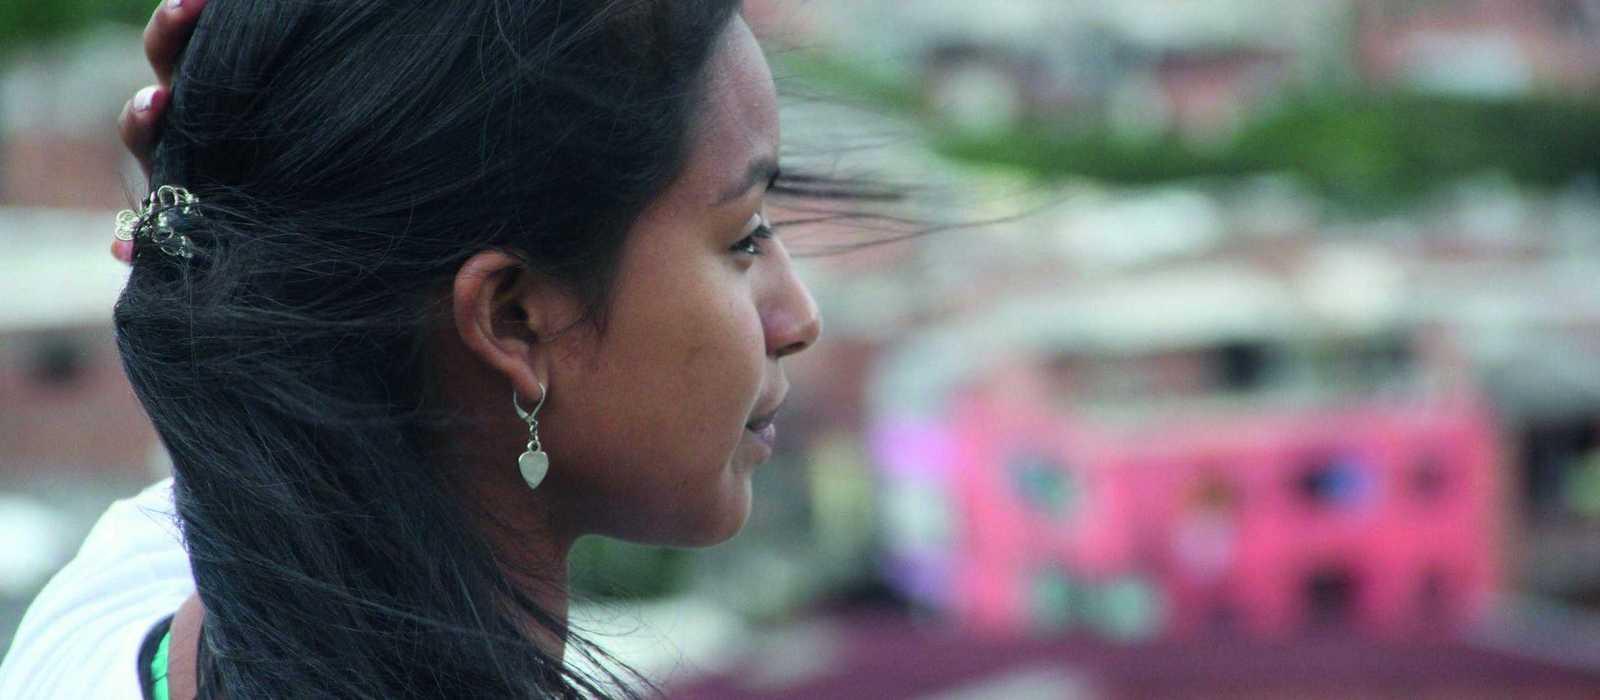 Catalina schaut über die Stadt